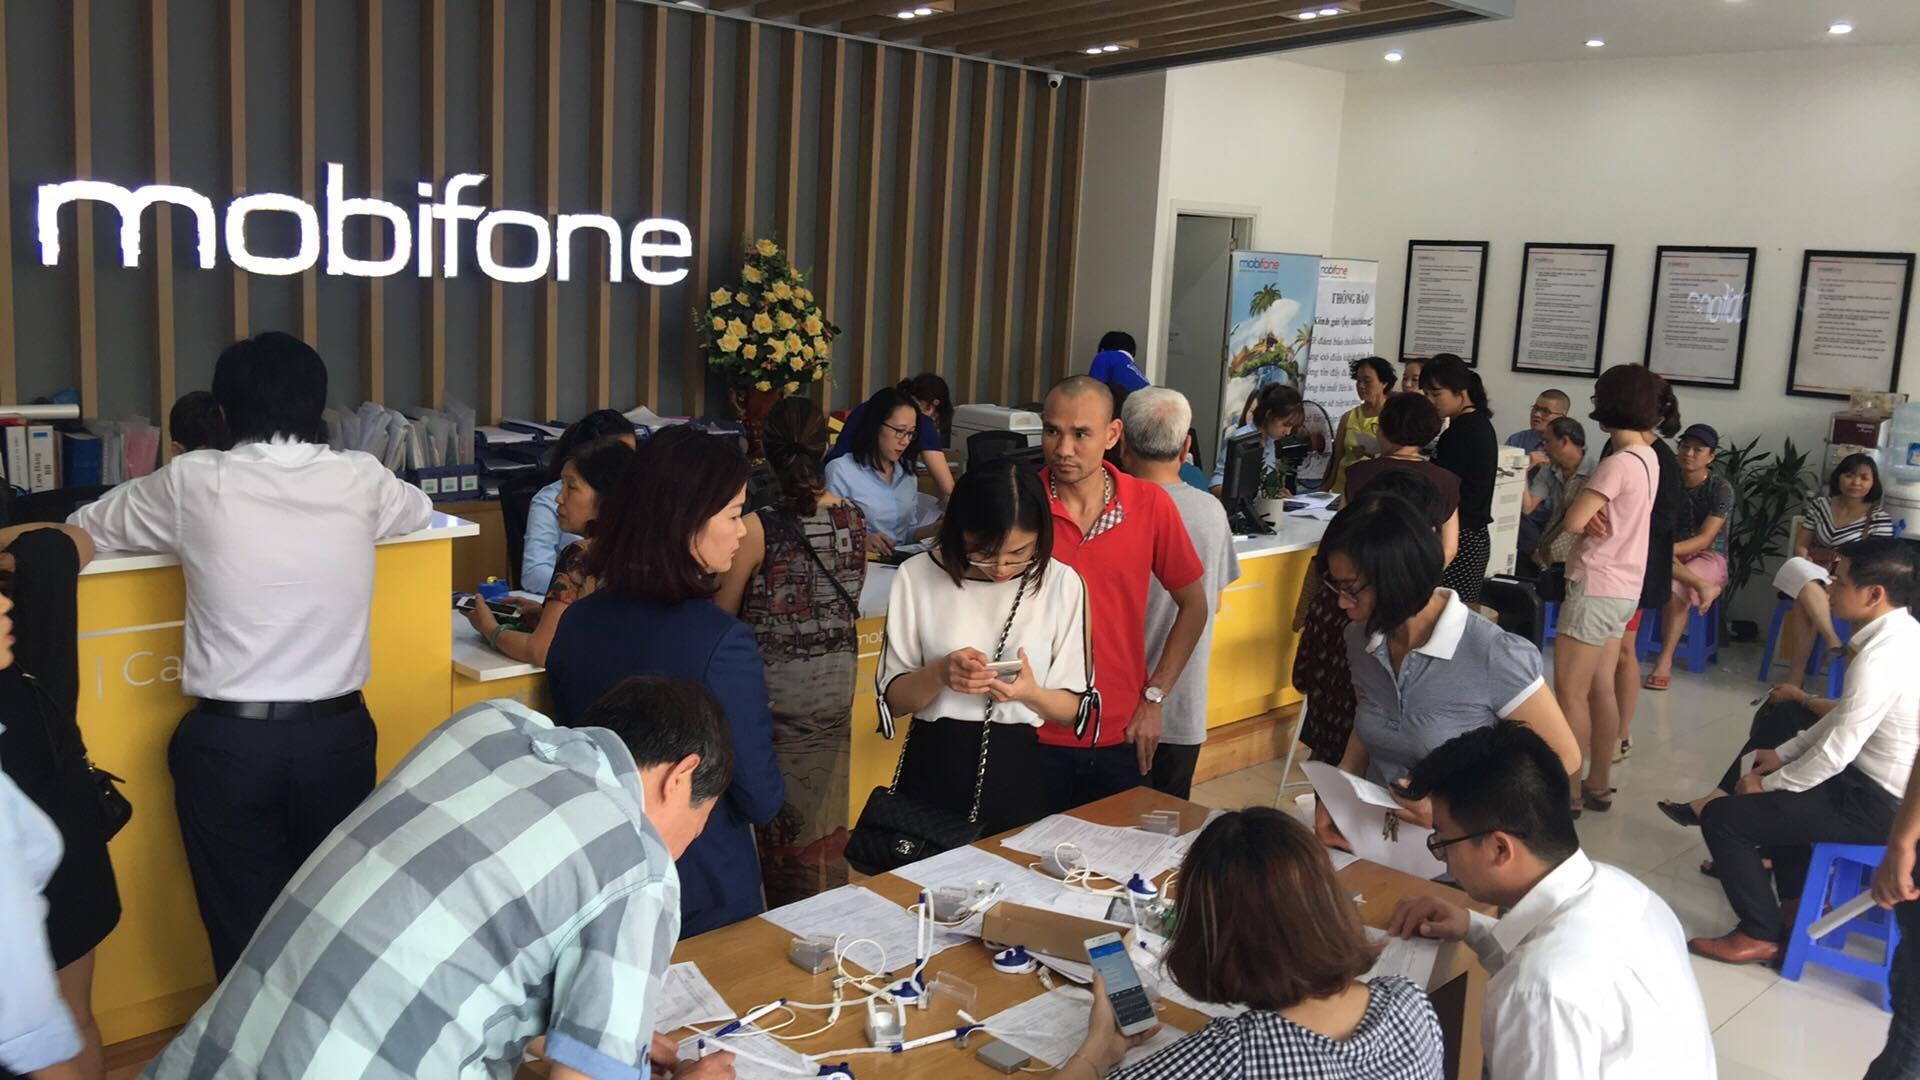 Nhà báo Đặng Vỹ có cơ hội thắng kiện nhà mạng Mobifone